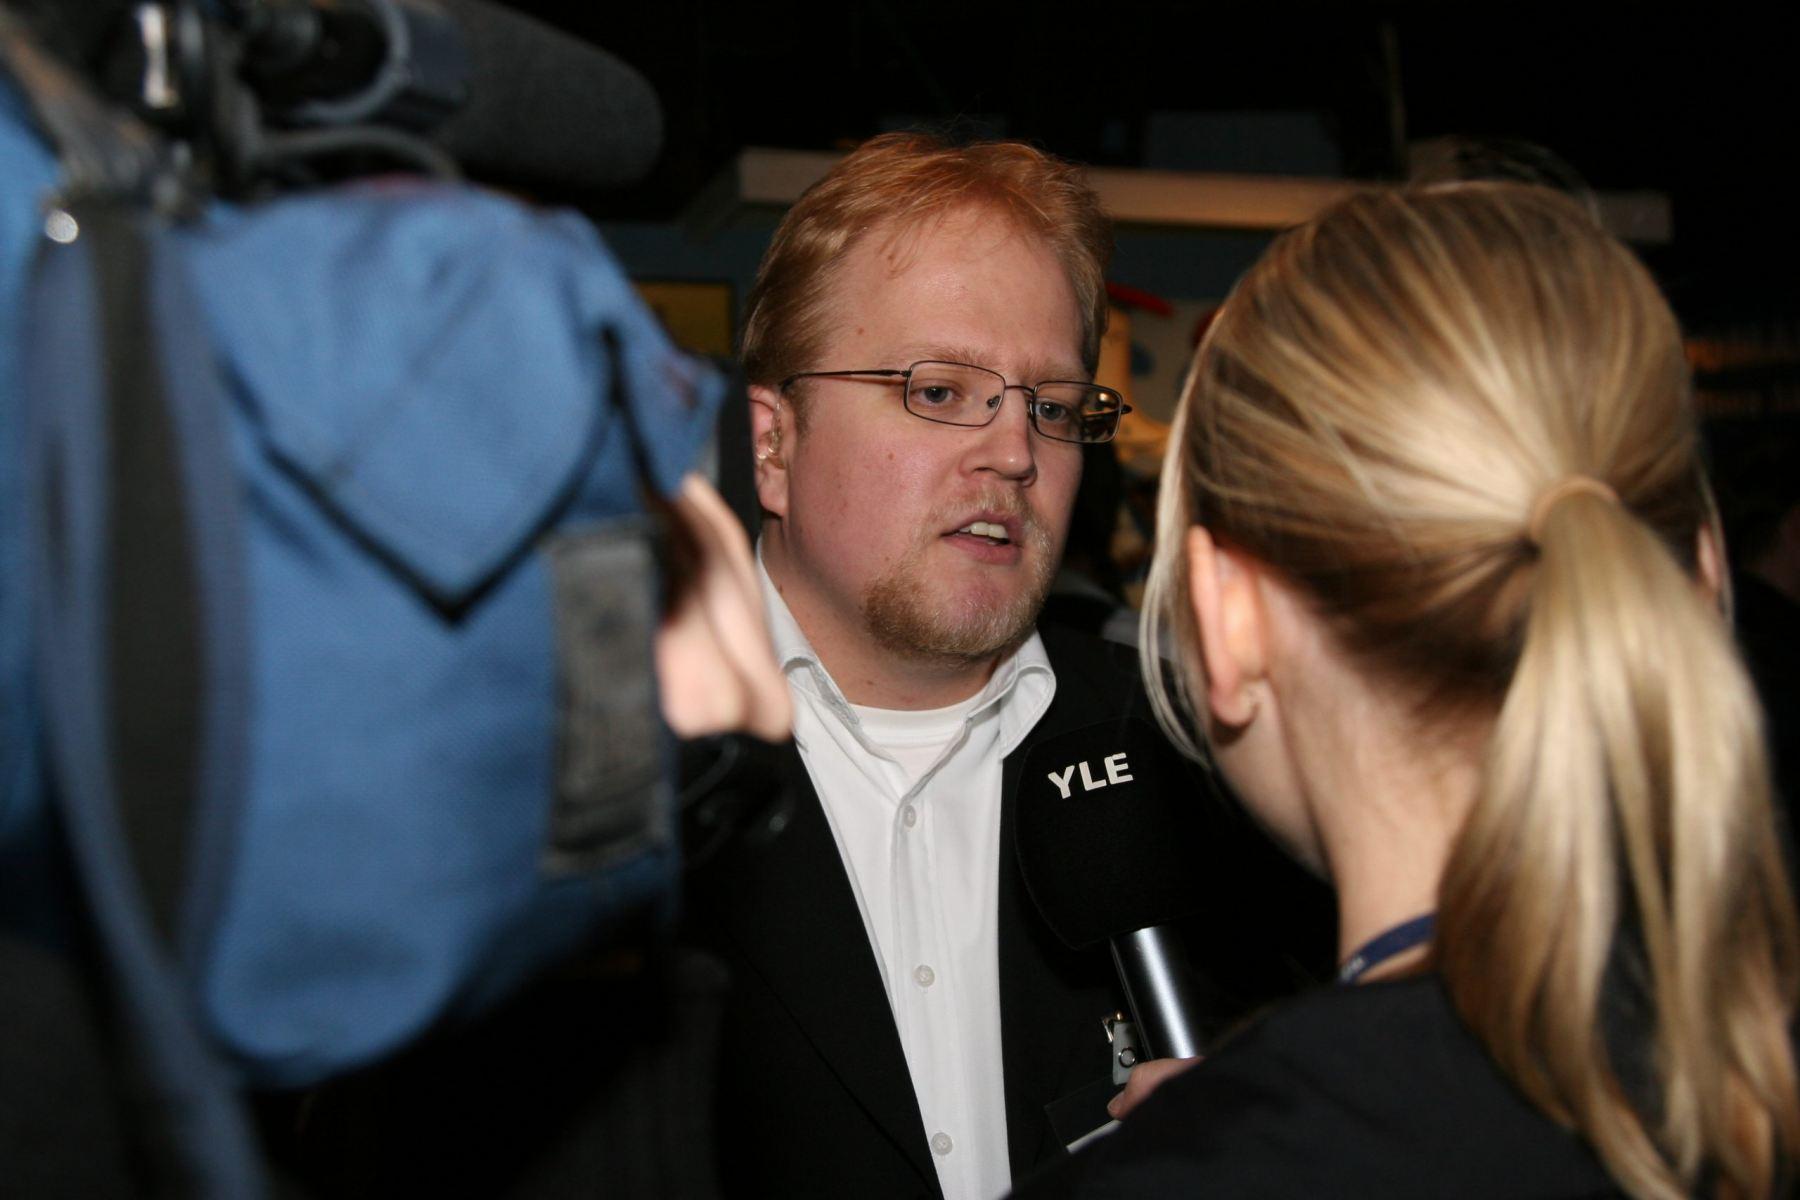 Yle haastattelee vuoden 2008 kuntavaalien iltana